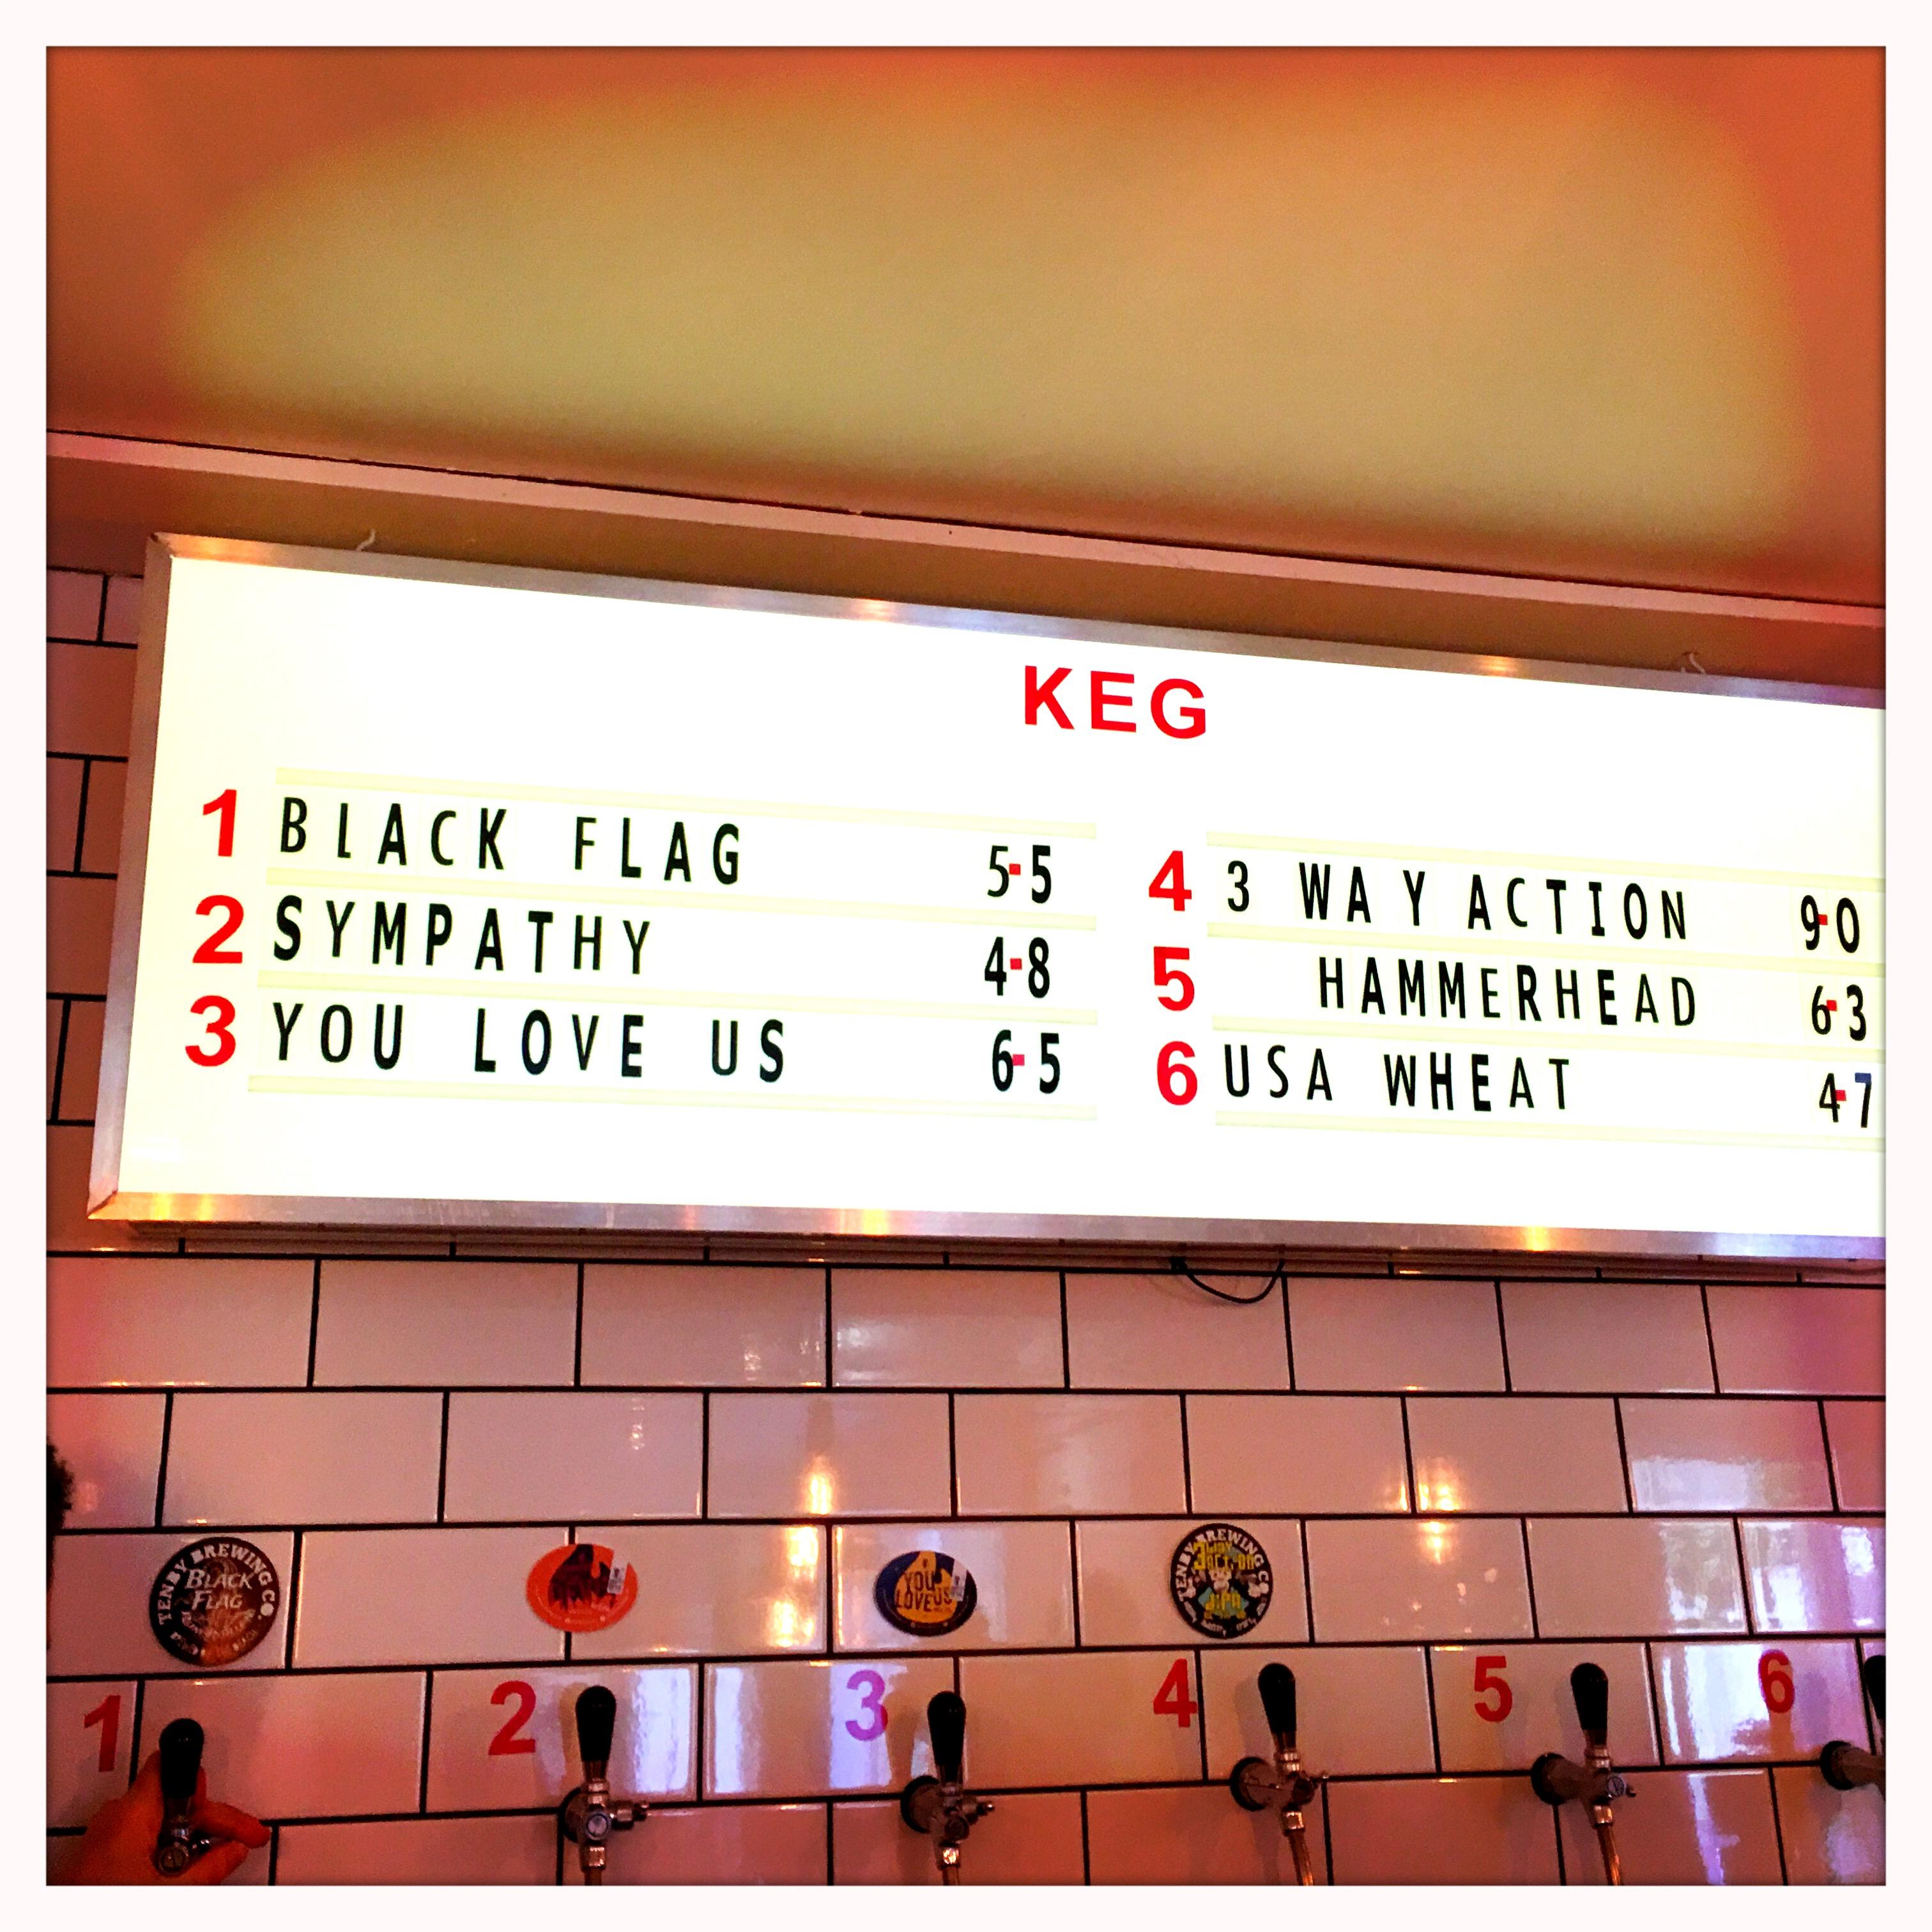 Keg beers